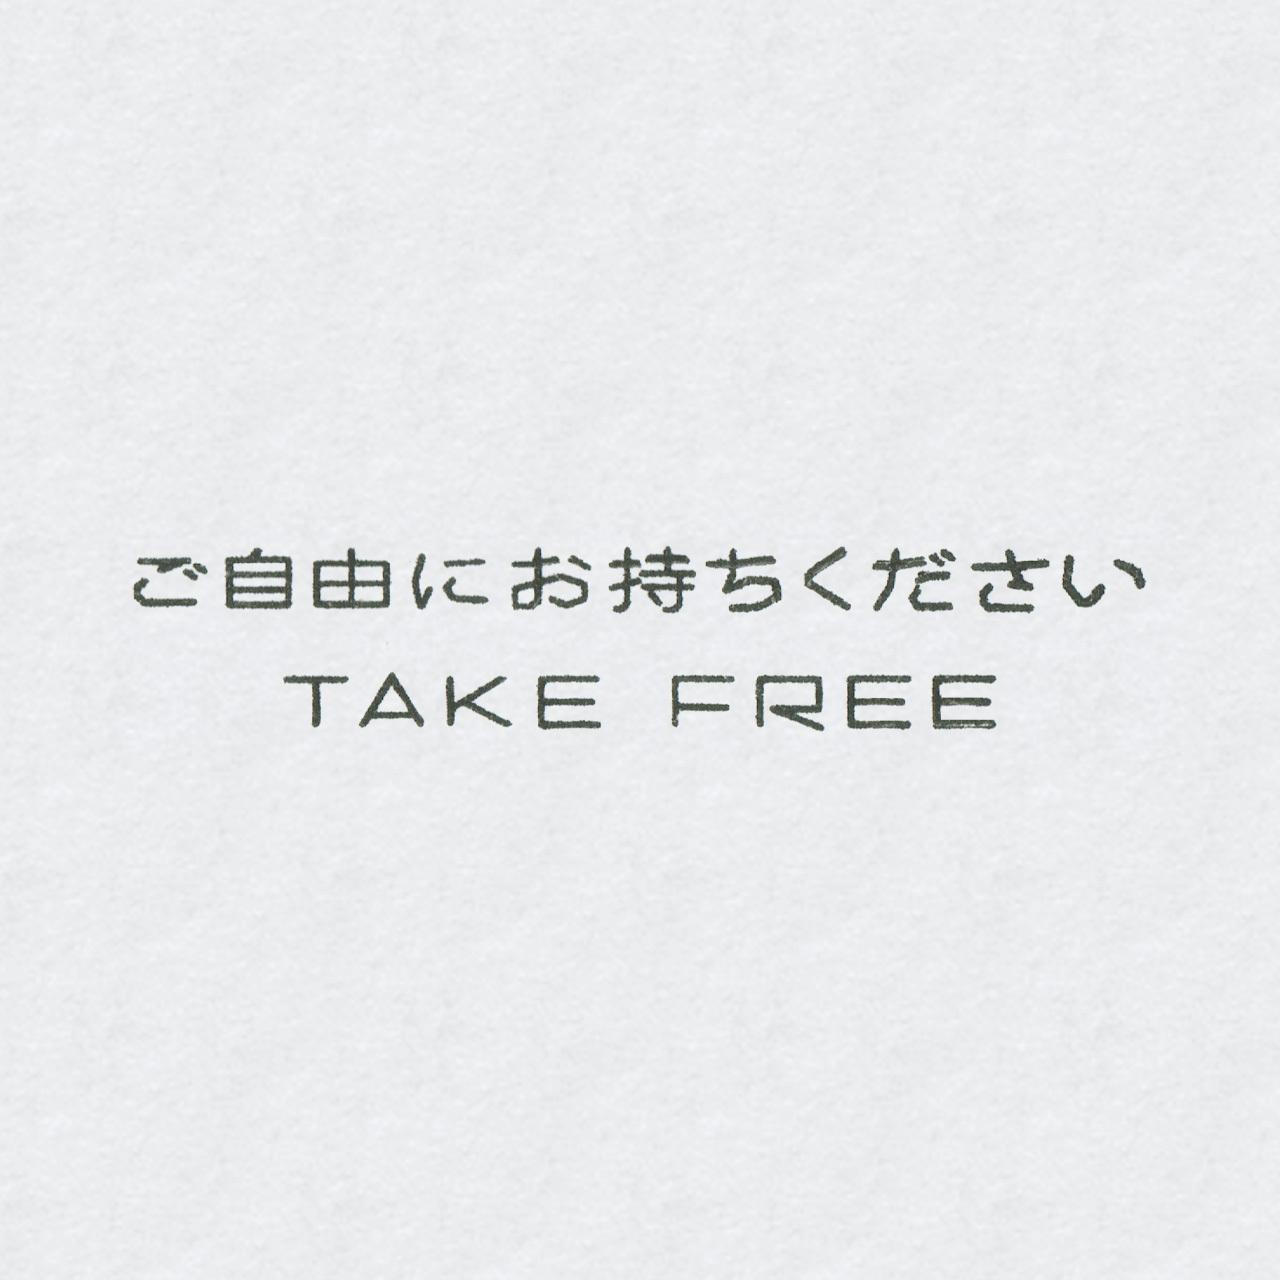 ゴム印「ご自由にお持ちください TAKE FREE」